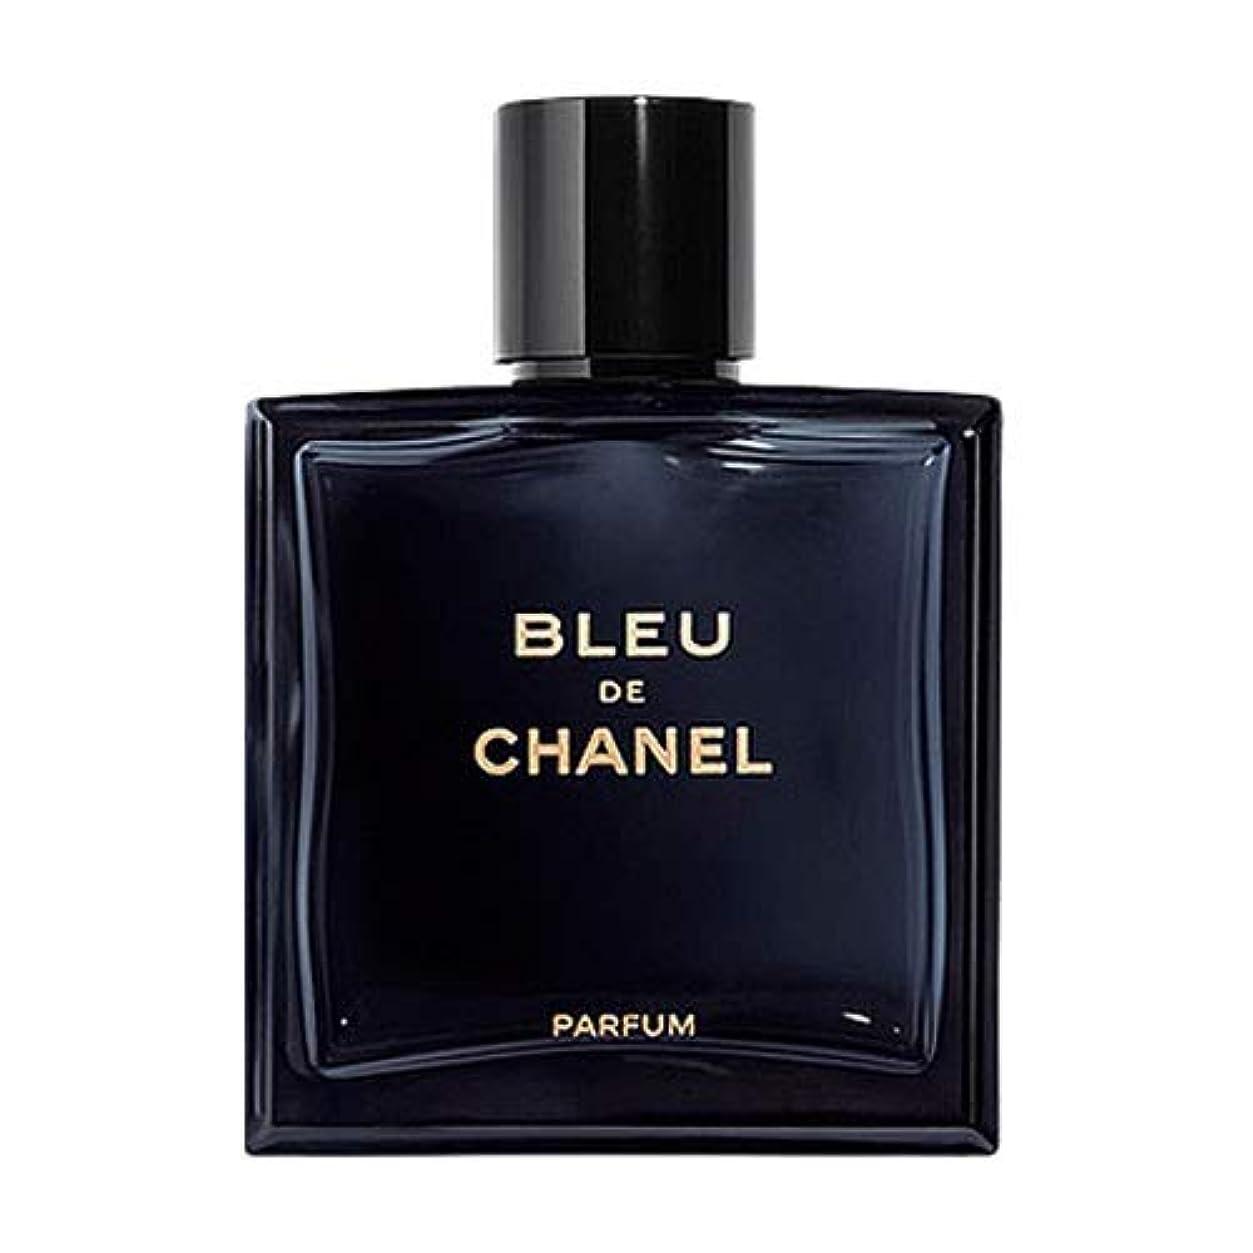 一致する流用する珍しいシャネル CHANEL ブルー ドゥ シャネル パルファム 〔Parfum〕 50ml Pfm SP fs